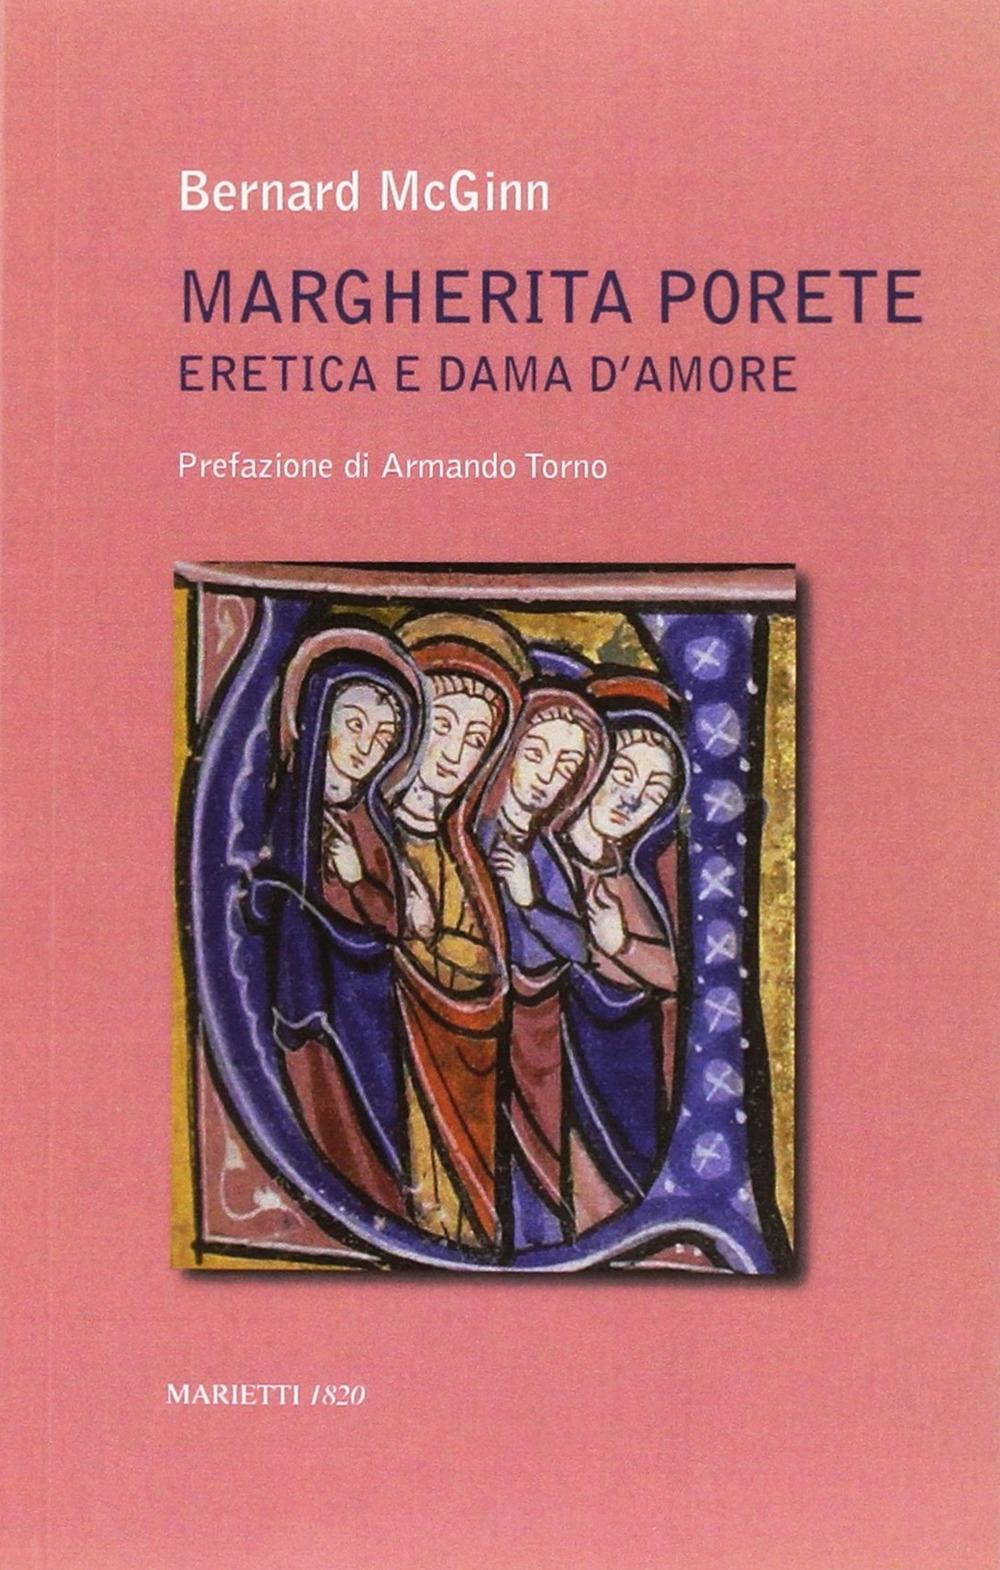 Margherita di Porete eretica e dama d'amore.